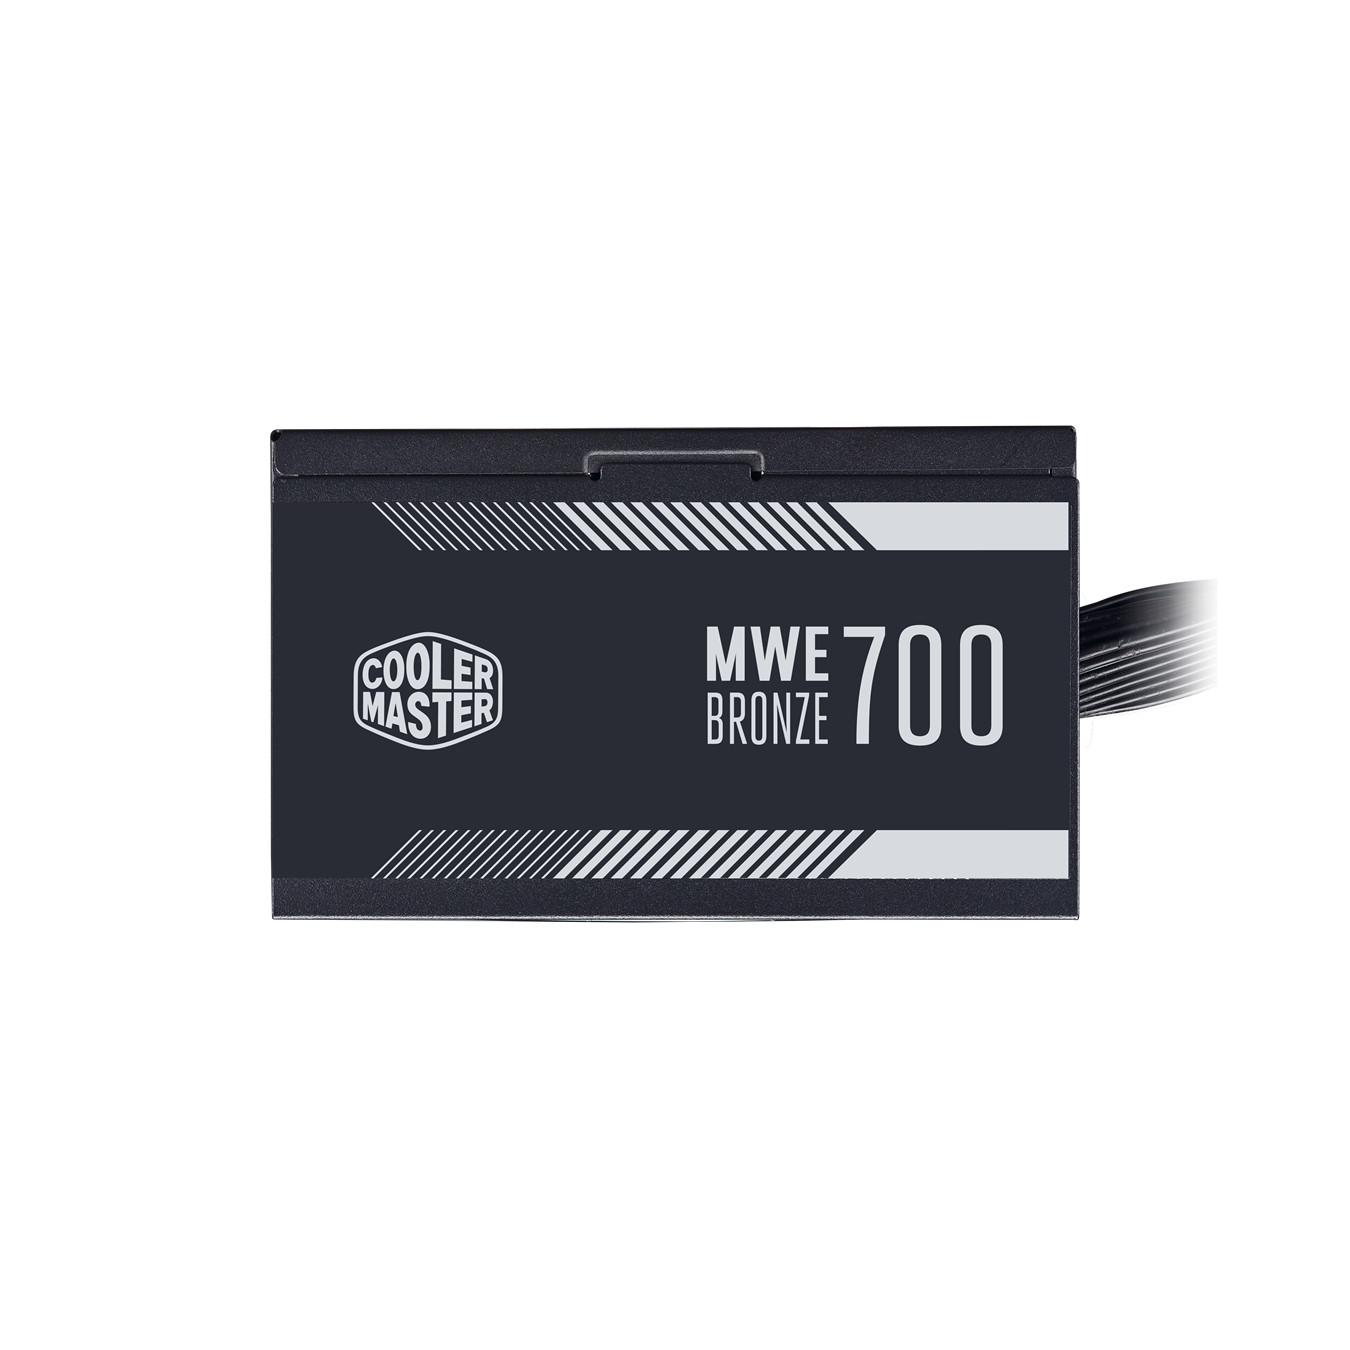 Nguồn máy tính Cooler Master  MWE 700 BRONZE V2 - 80 Plus BRONZE - Hàng chính hãng